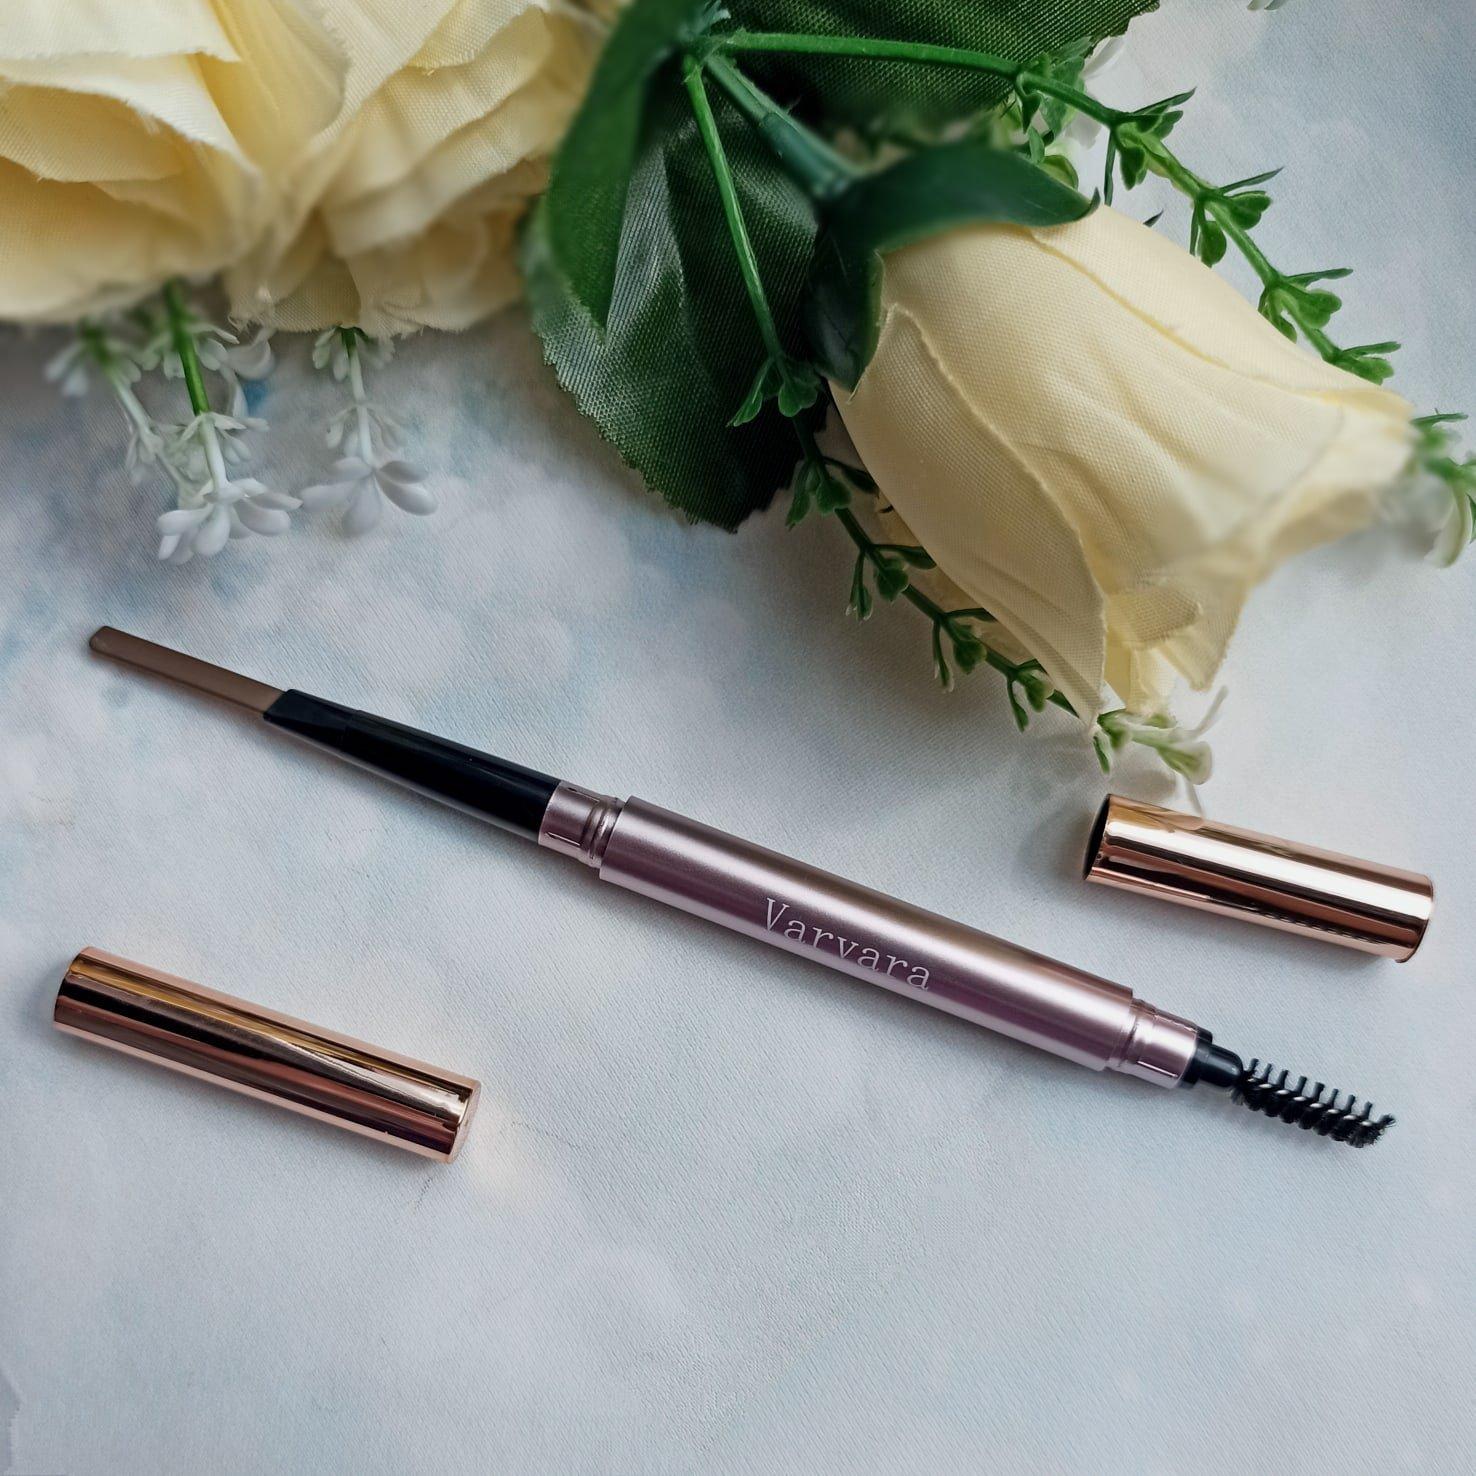 Обзор на карандаш для бровей от Varvara - отзывы